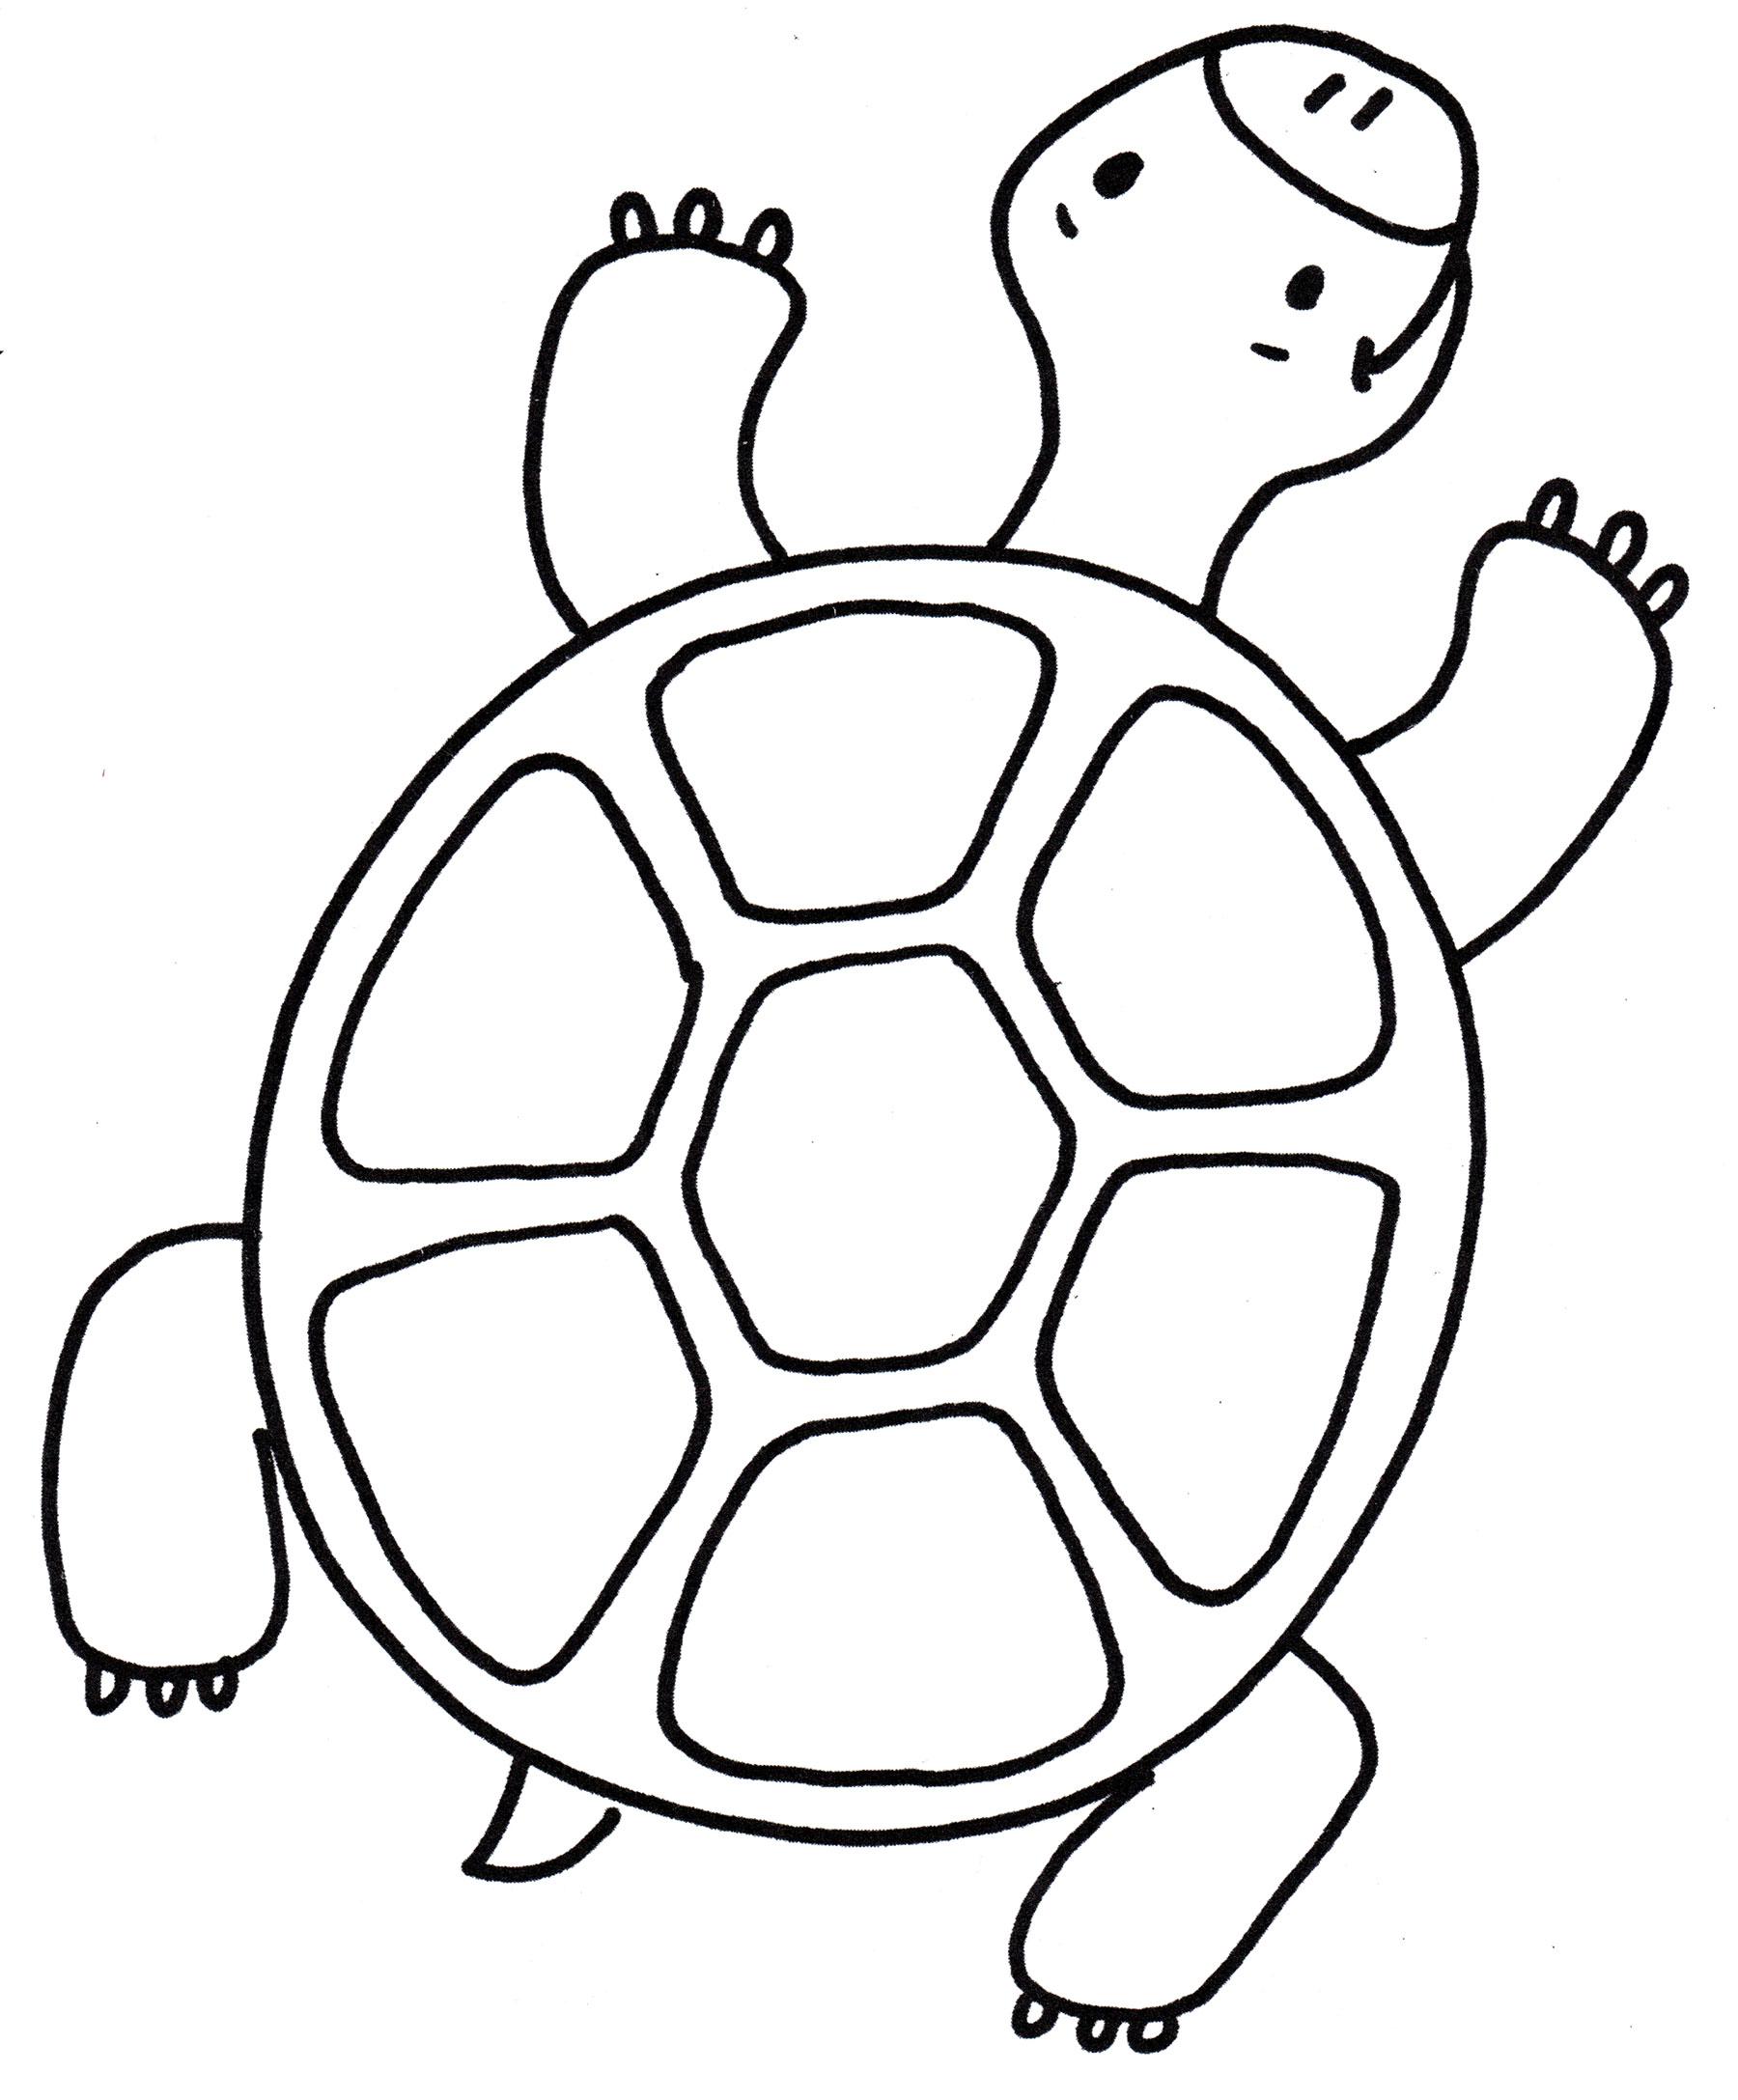 время рисунки для раскрашивания черепаха первый положили